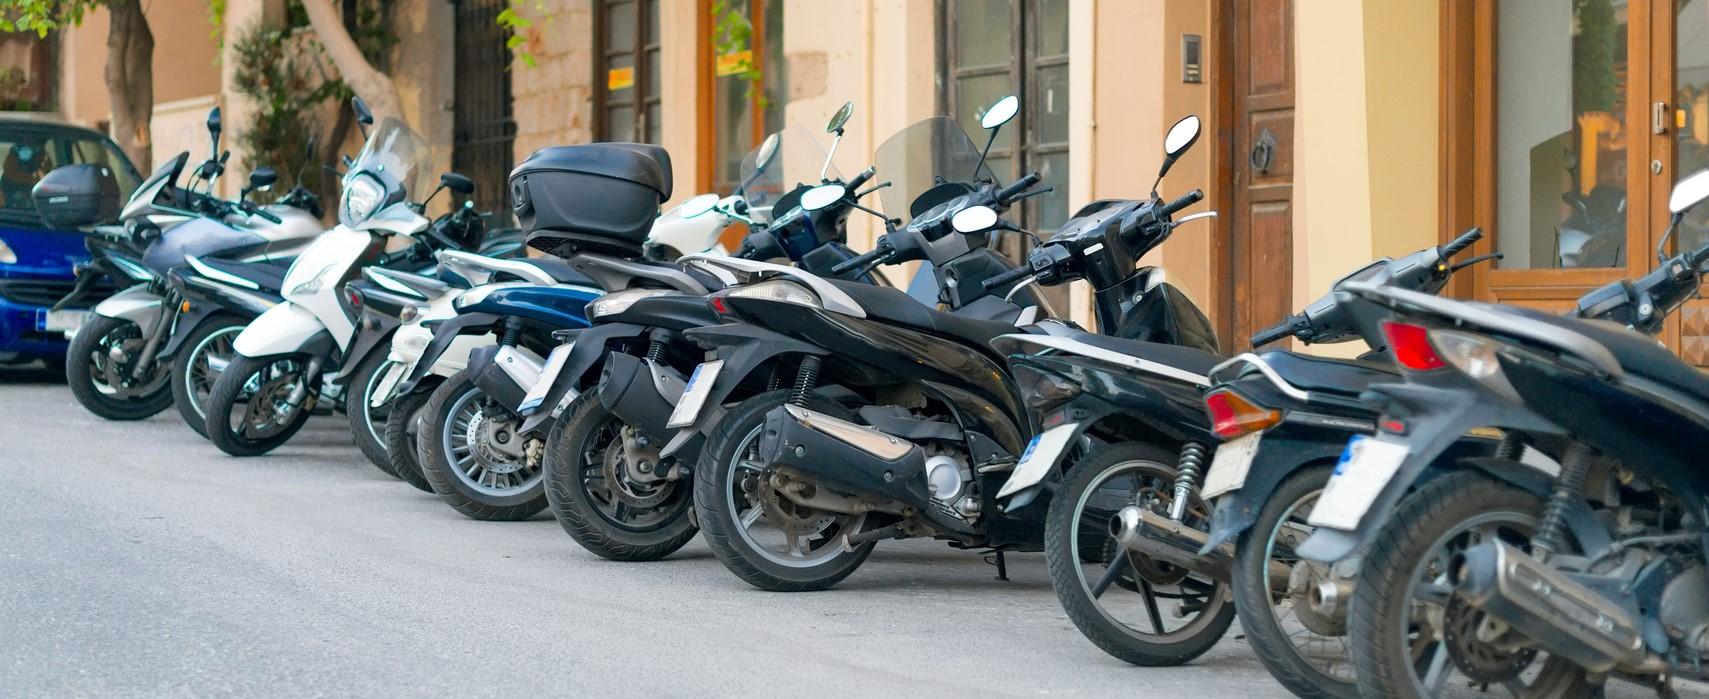 Photographie montrant des scooters garés sur un parking.